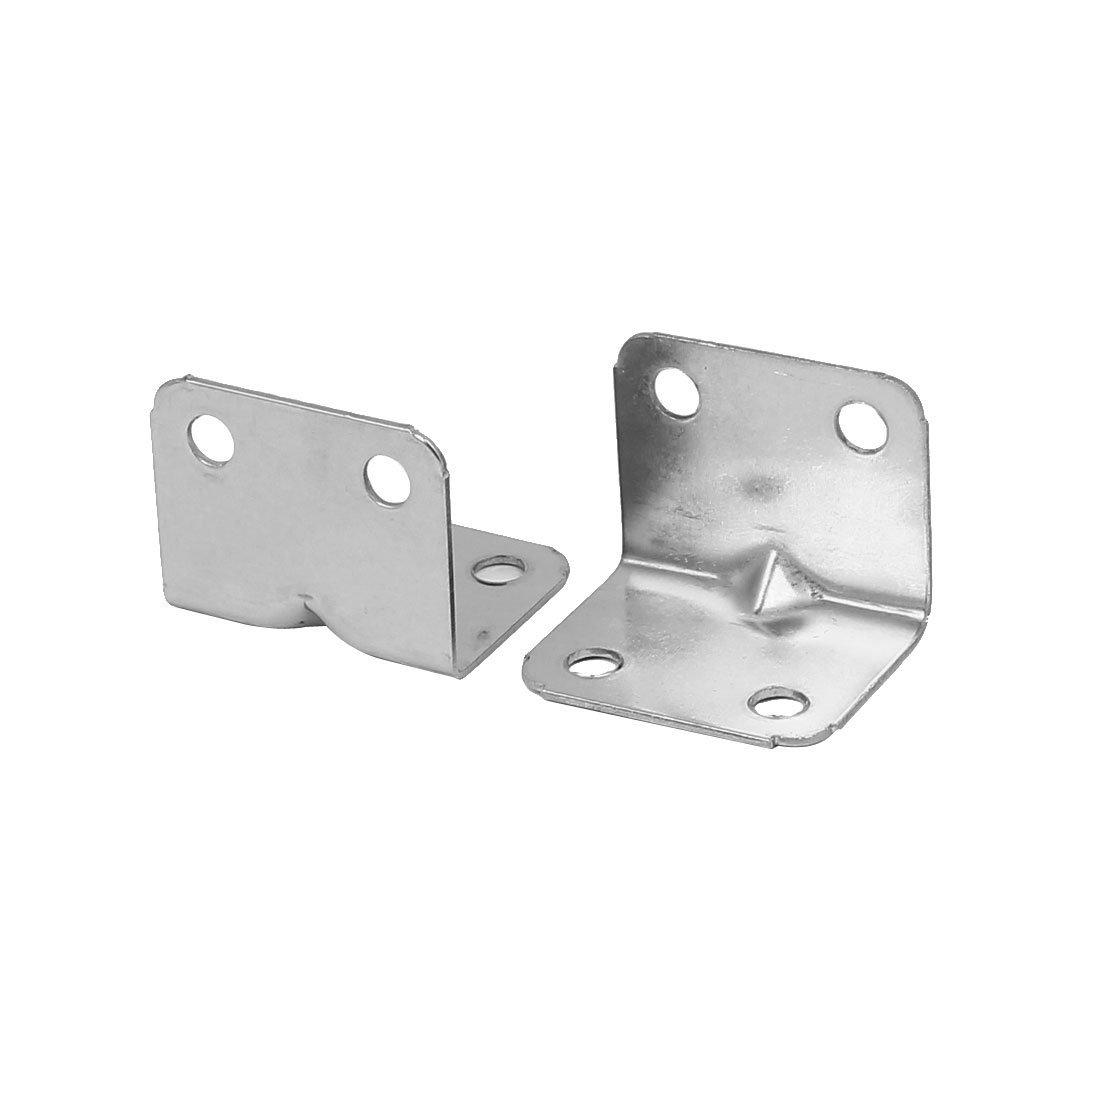 eDealMax 25mmx25mmx32mm L Forma ángulo del soporte de soporte de articulación del sujetador 12pcs tono de plata - - Amazon.com